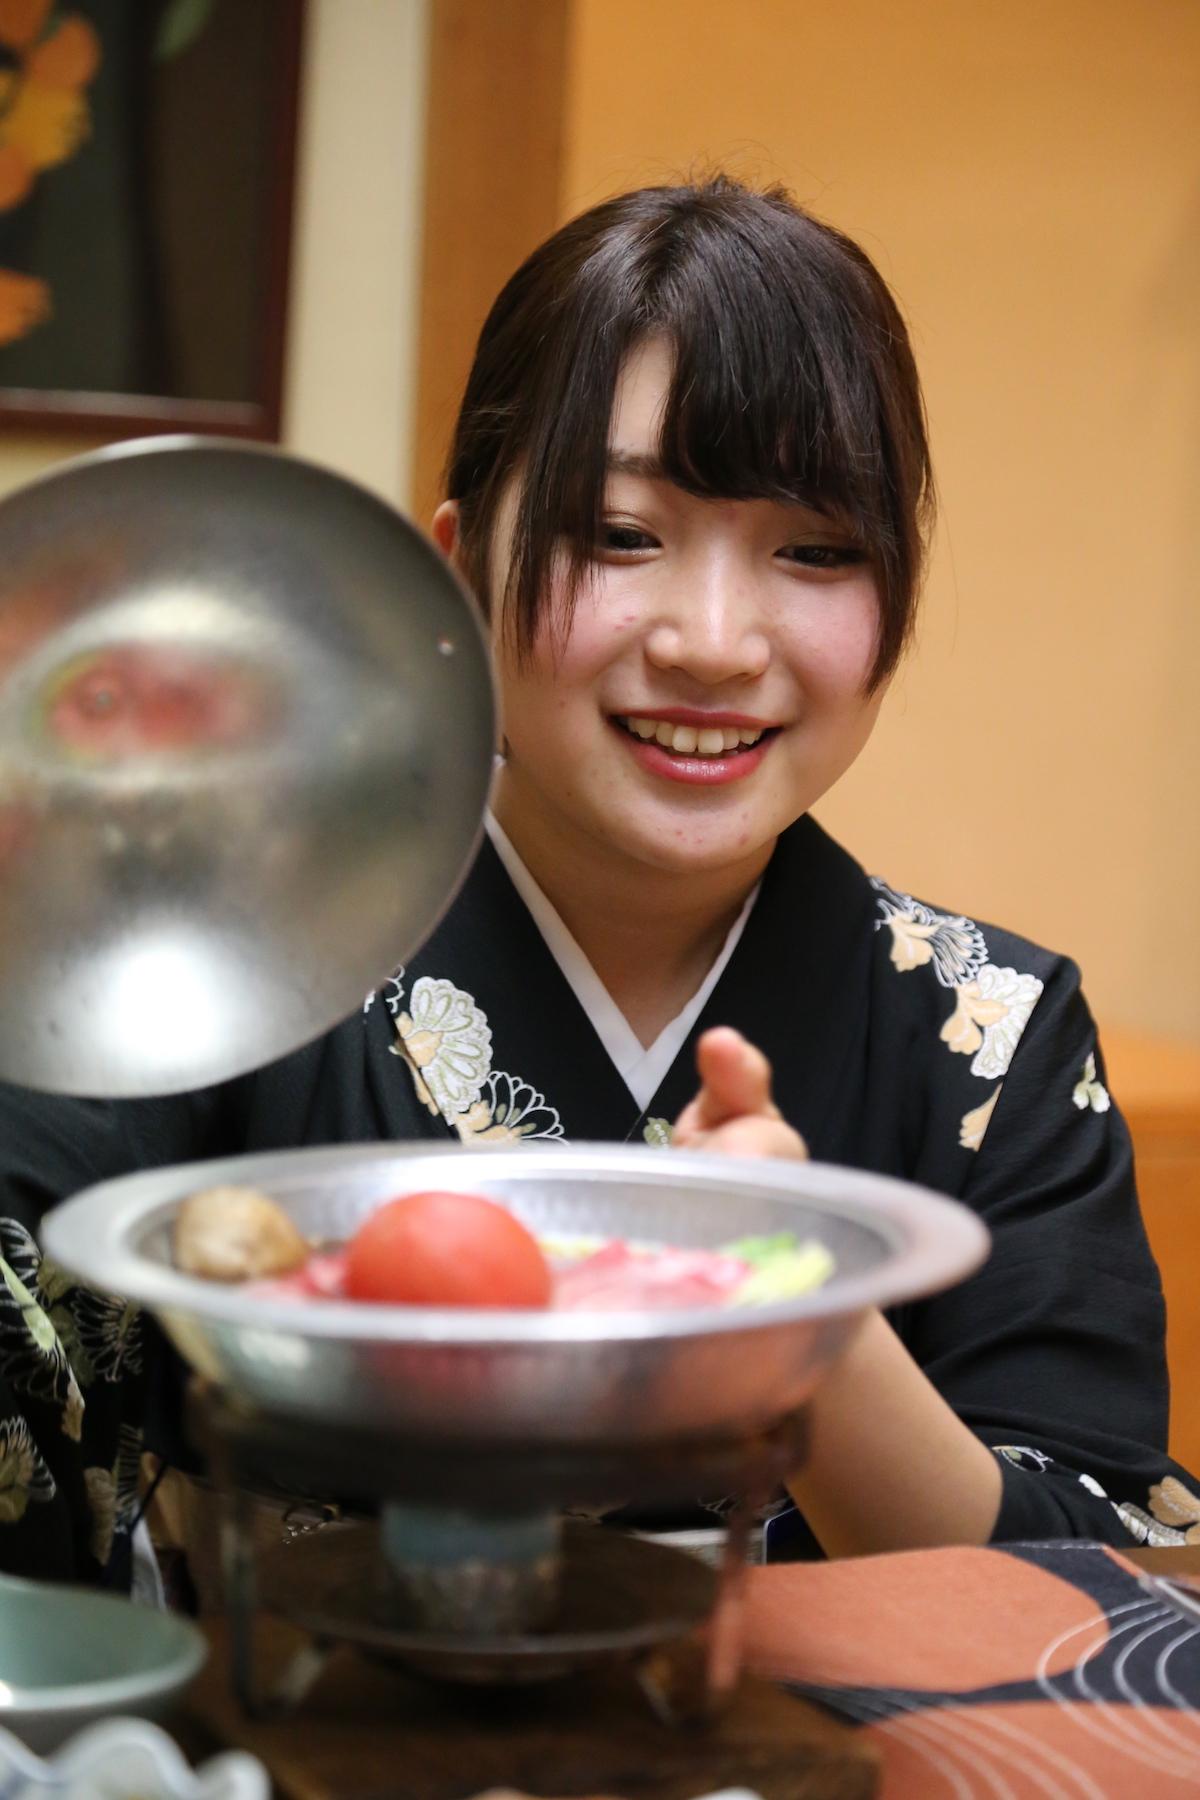 Dinner is served at Hotel Sakan Ryokan in Sendai Japan